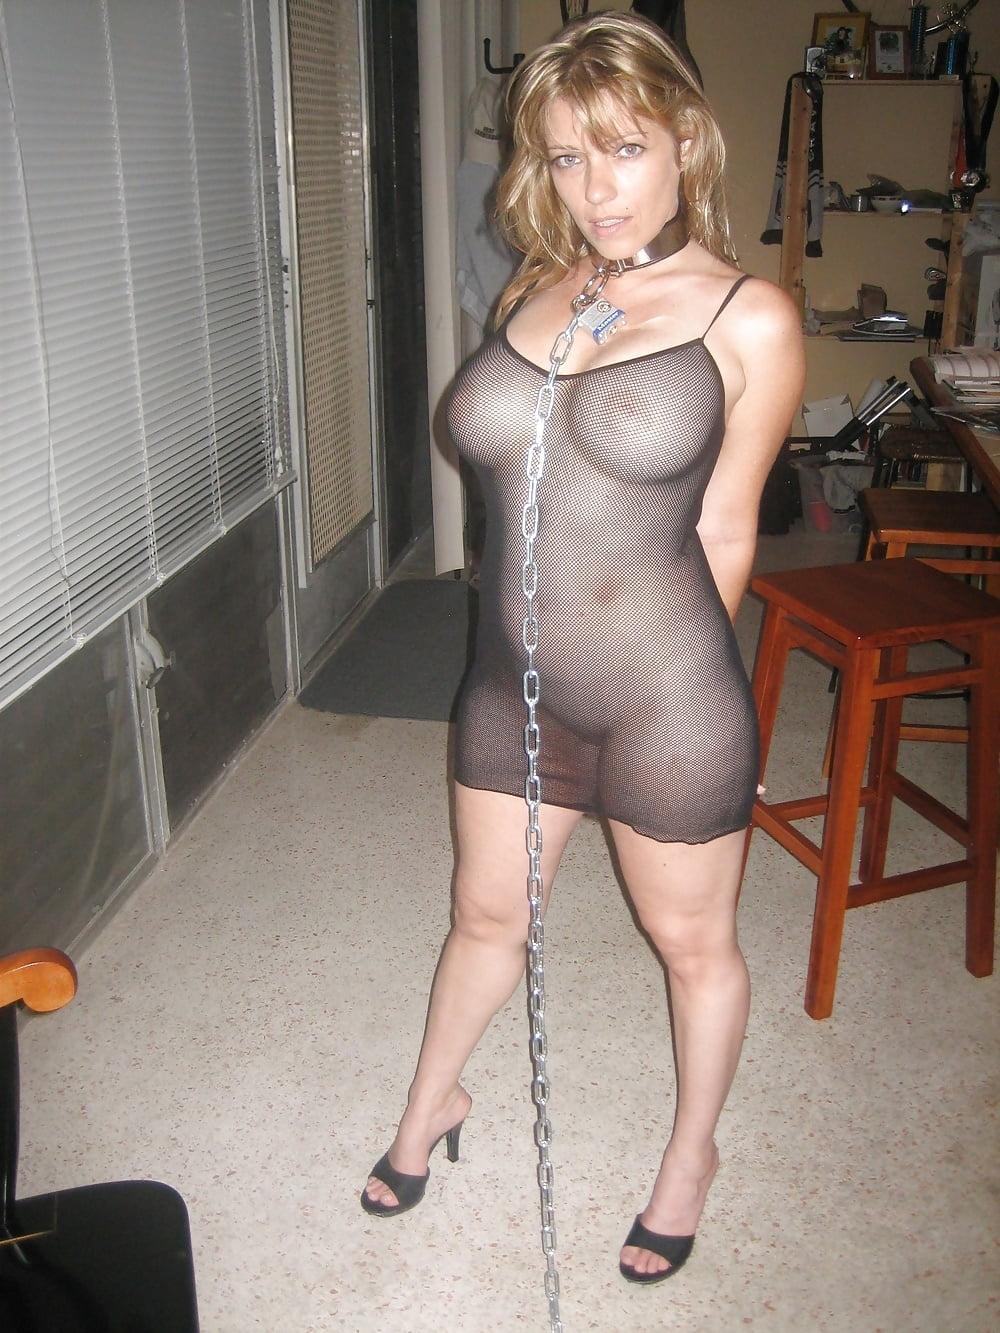 Wives dressed like sluts